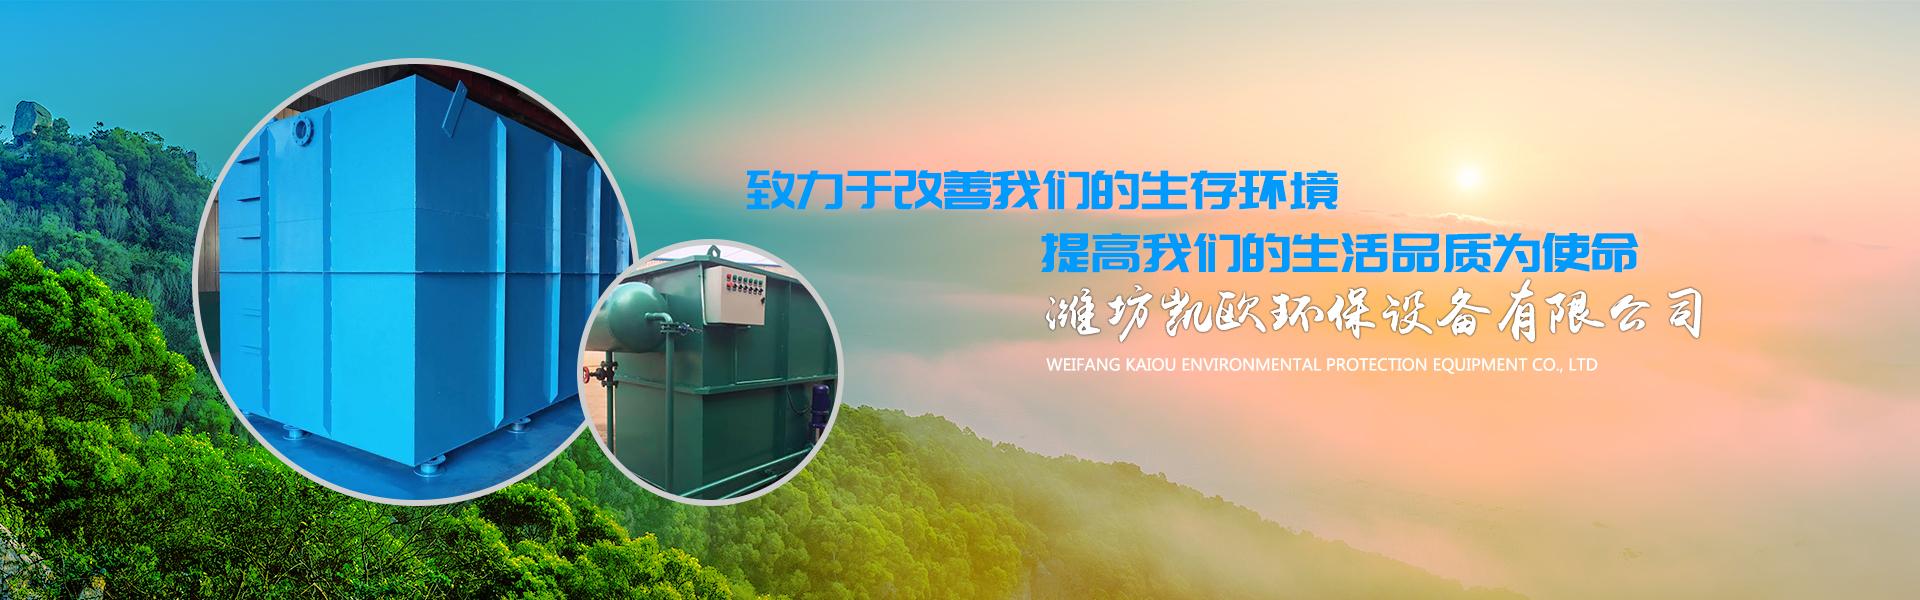 潍坊凯欧污水处理设备